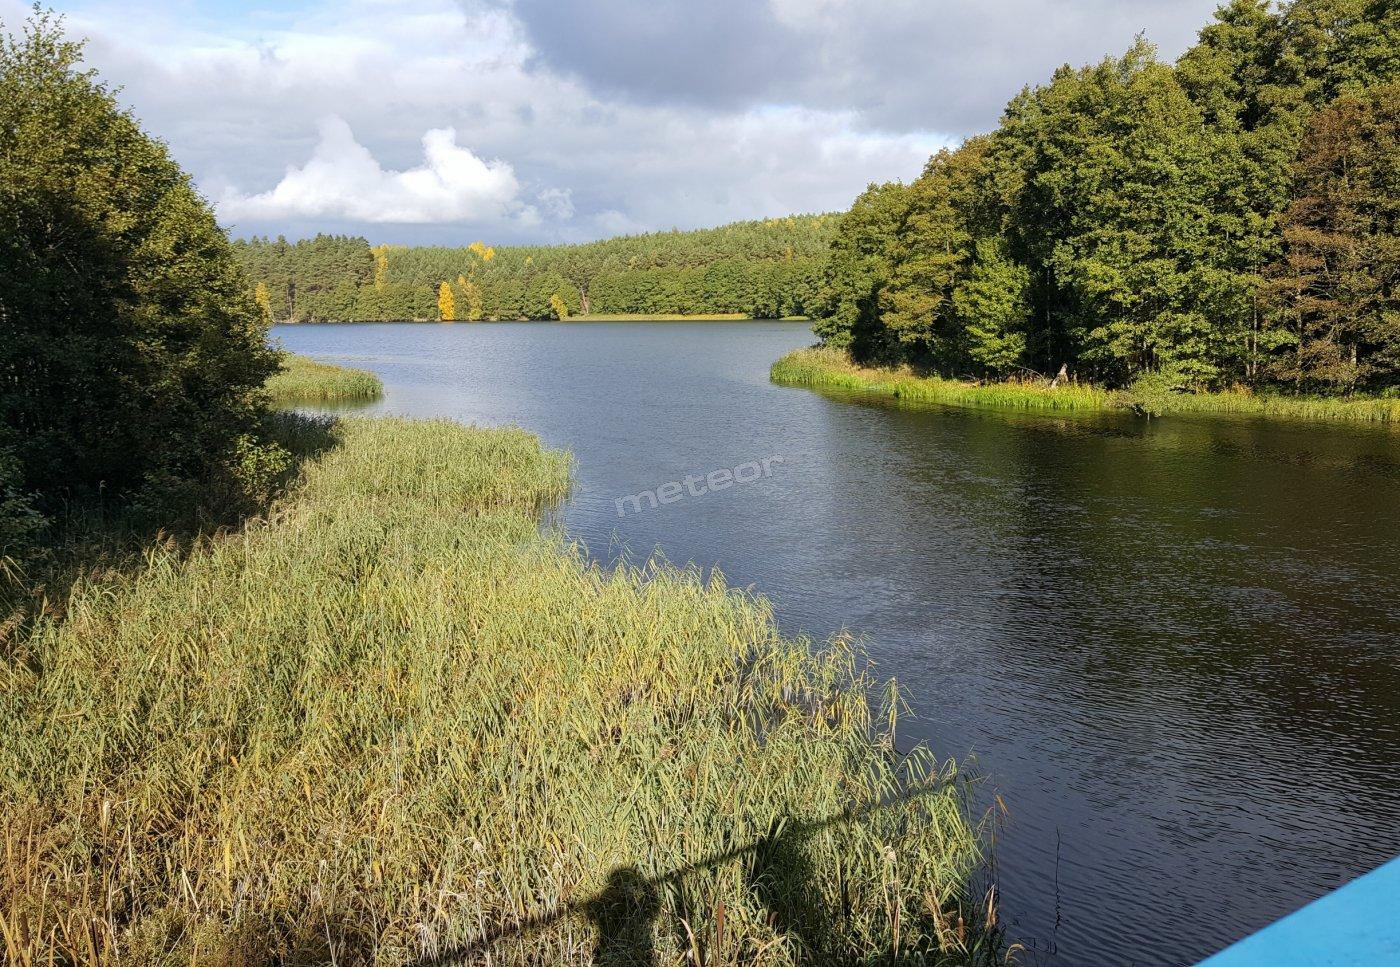 Odcinek rzeki Brda łączący jeziora Dybrzyk i Łąckie, widok z mostu znajdującego się 300 metrów od osrodka.